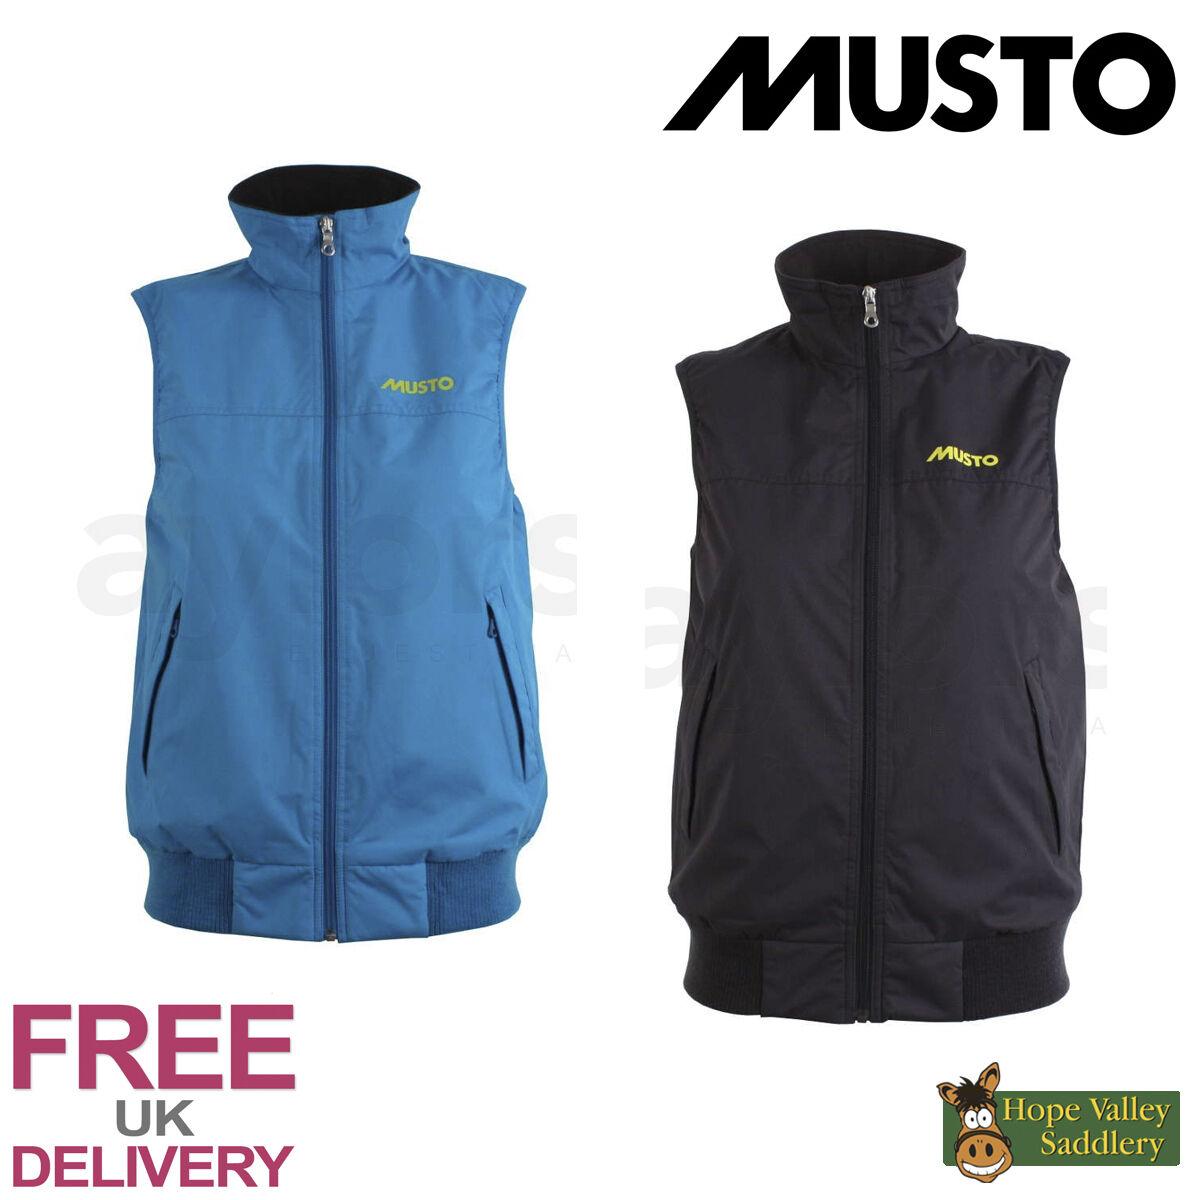 Musto Snug Chaleco (CE3270)  Gratis Reino Unido del envío